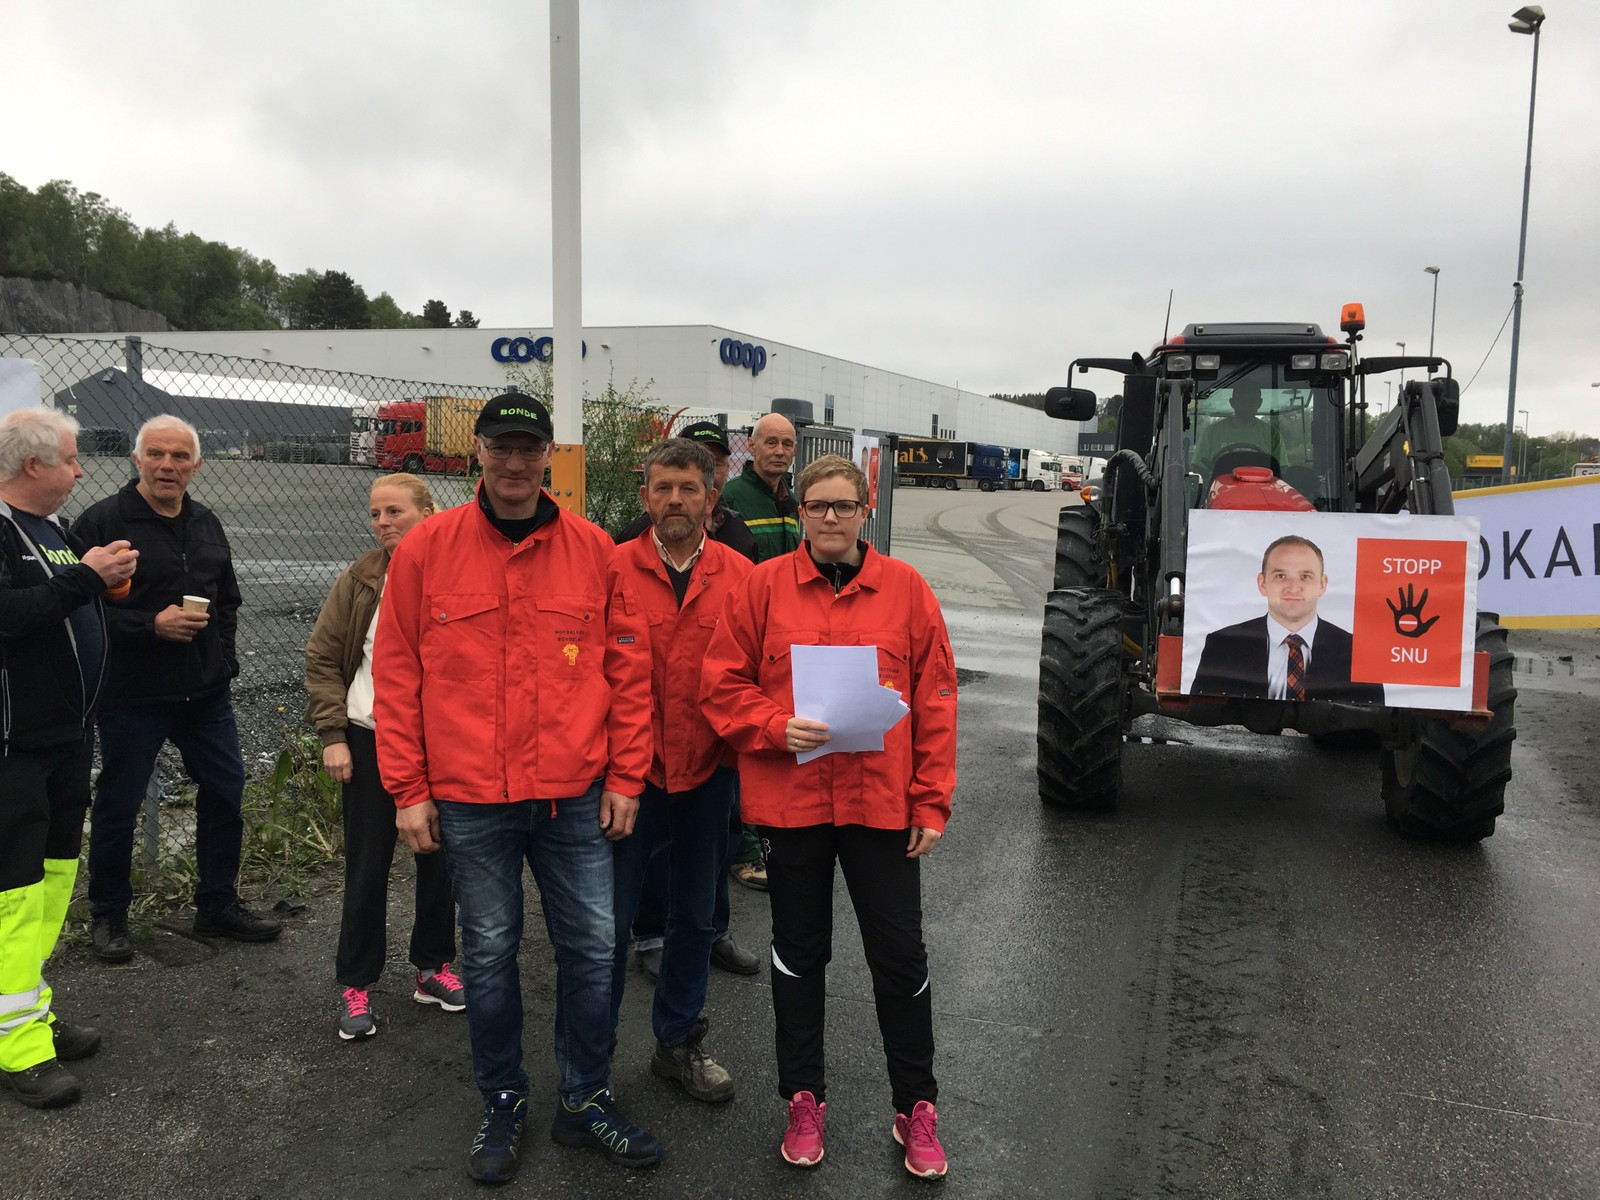 Ved Coop sitt lager i Bergen vart det ampert fredag morgon. Ein lastebilsjåfør hadde ikkje tid til å venta på at bøndene sin aksjon var ferdig, og køyrde ned sperringane. Men stort sett gjekk det fredeleg for seg, fortel leiar Bodil Fjelltveit i Bergen Bondelag.